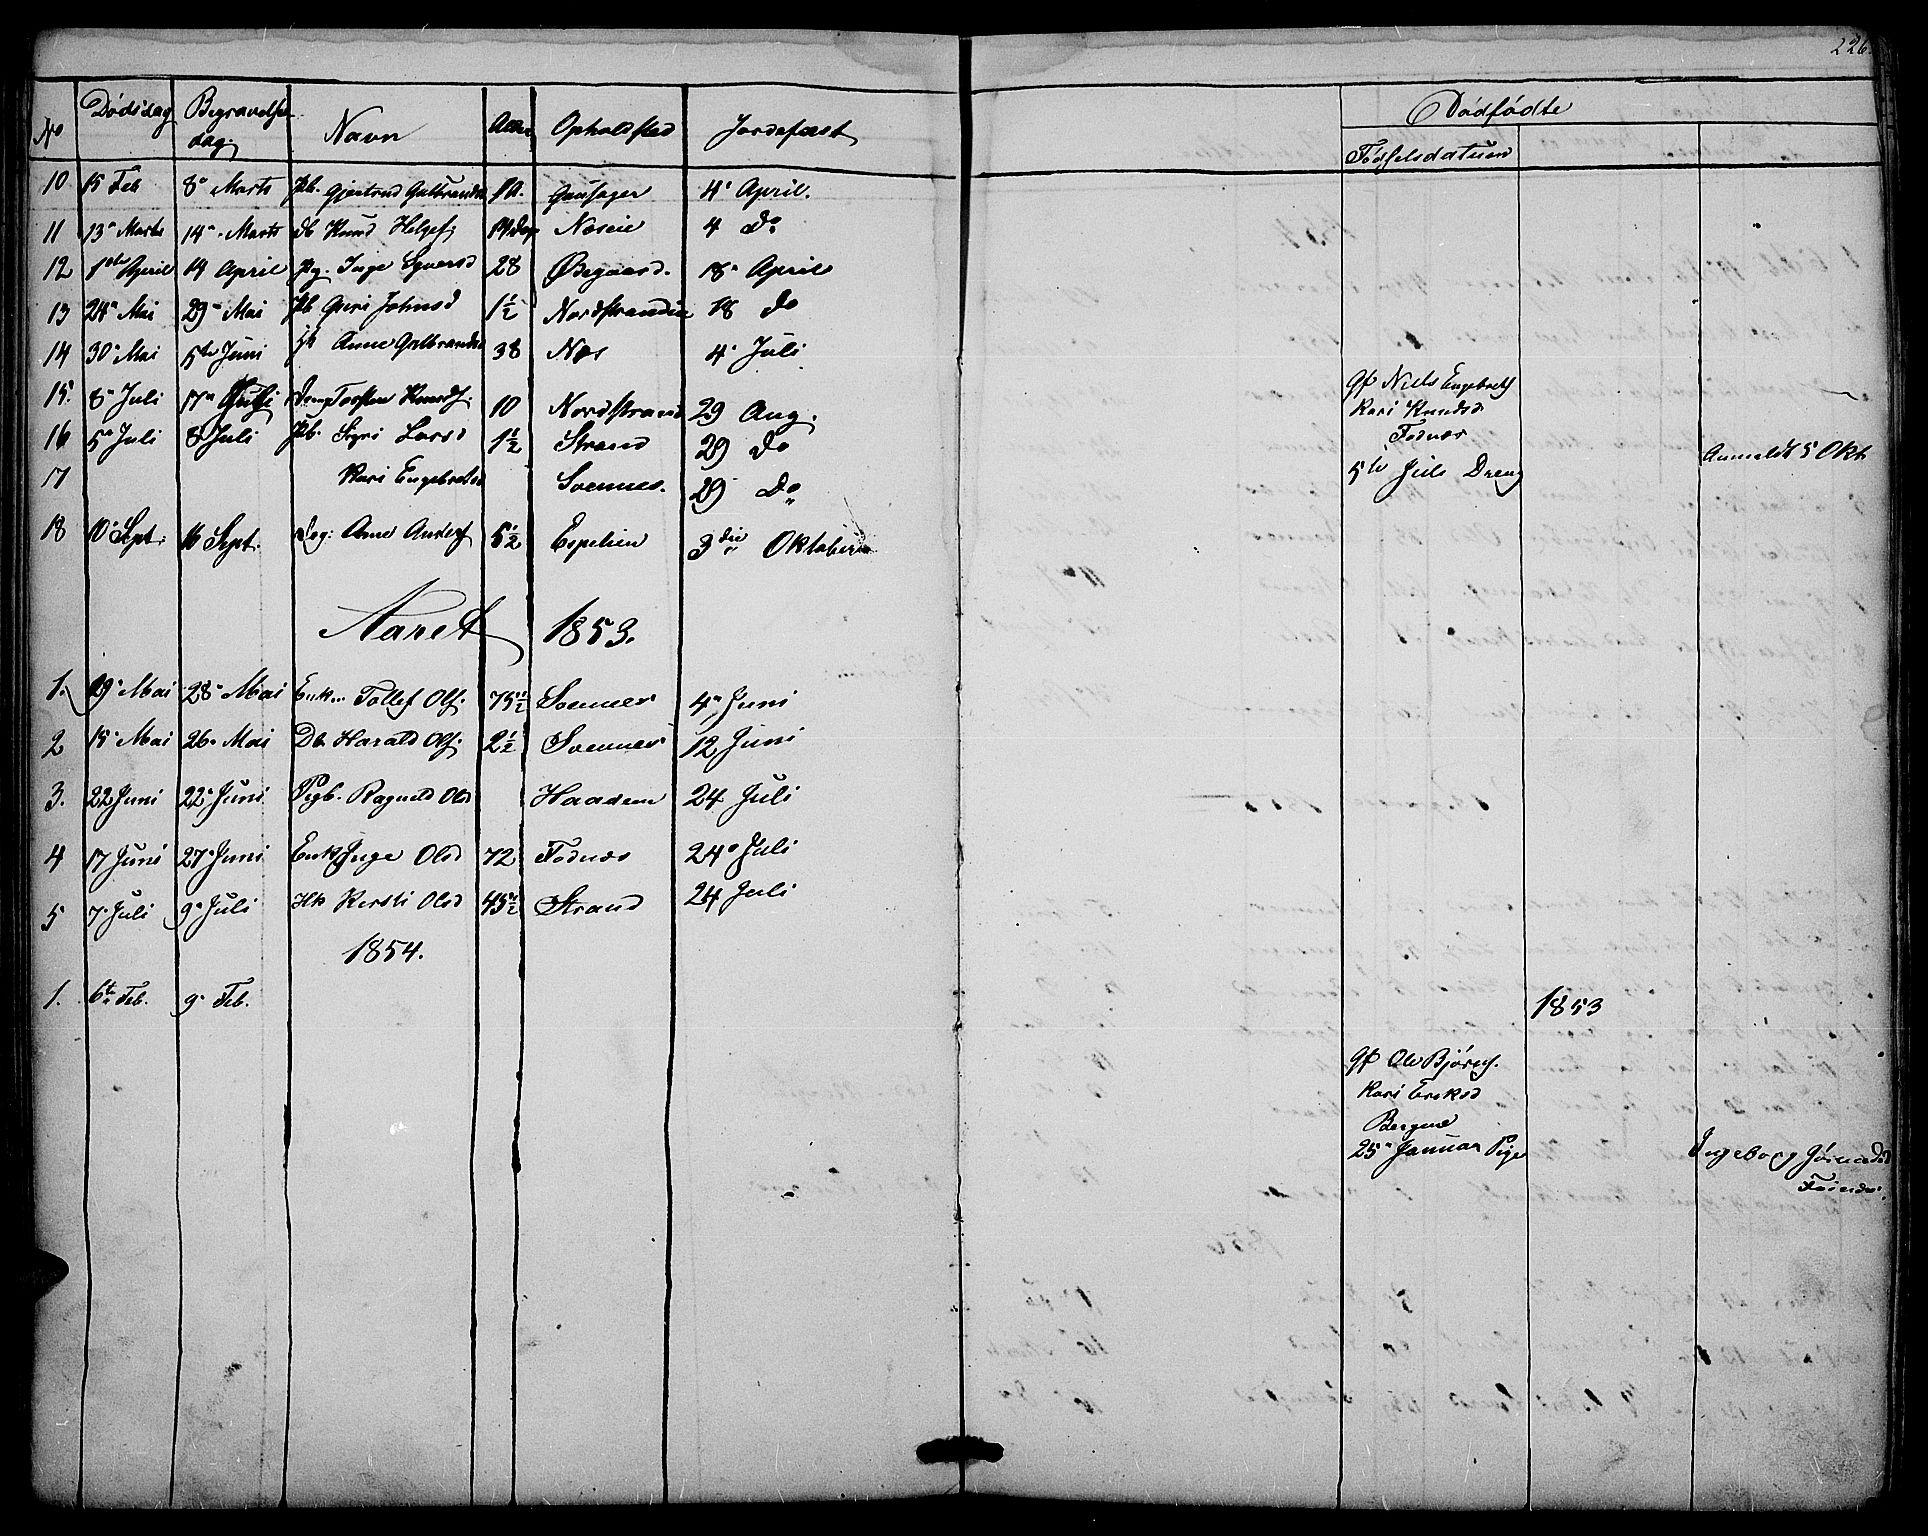 SAH, Nord-Aurdal prestekontor, Klokkerbok nr. 3, 1842-1882, s. 226